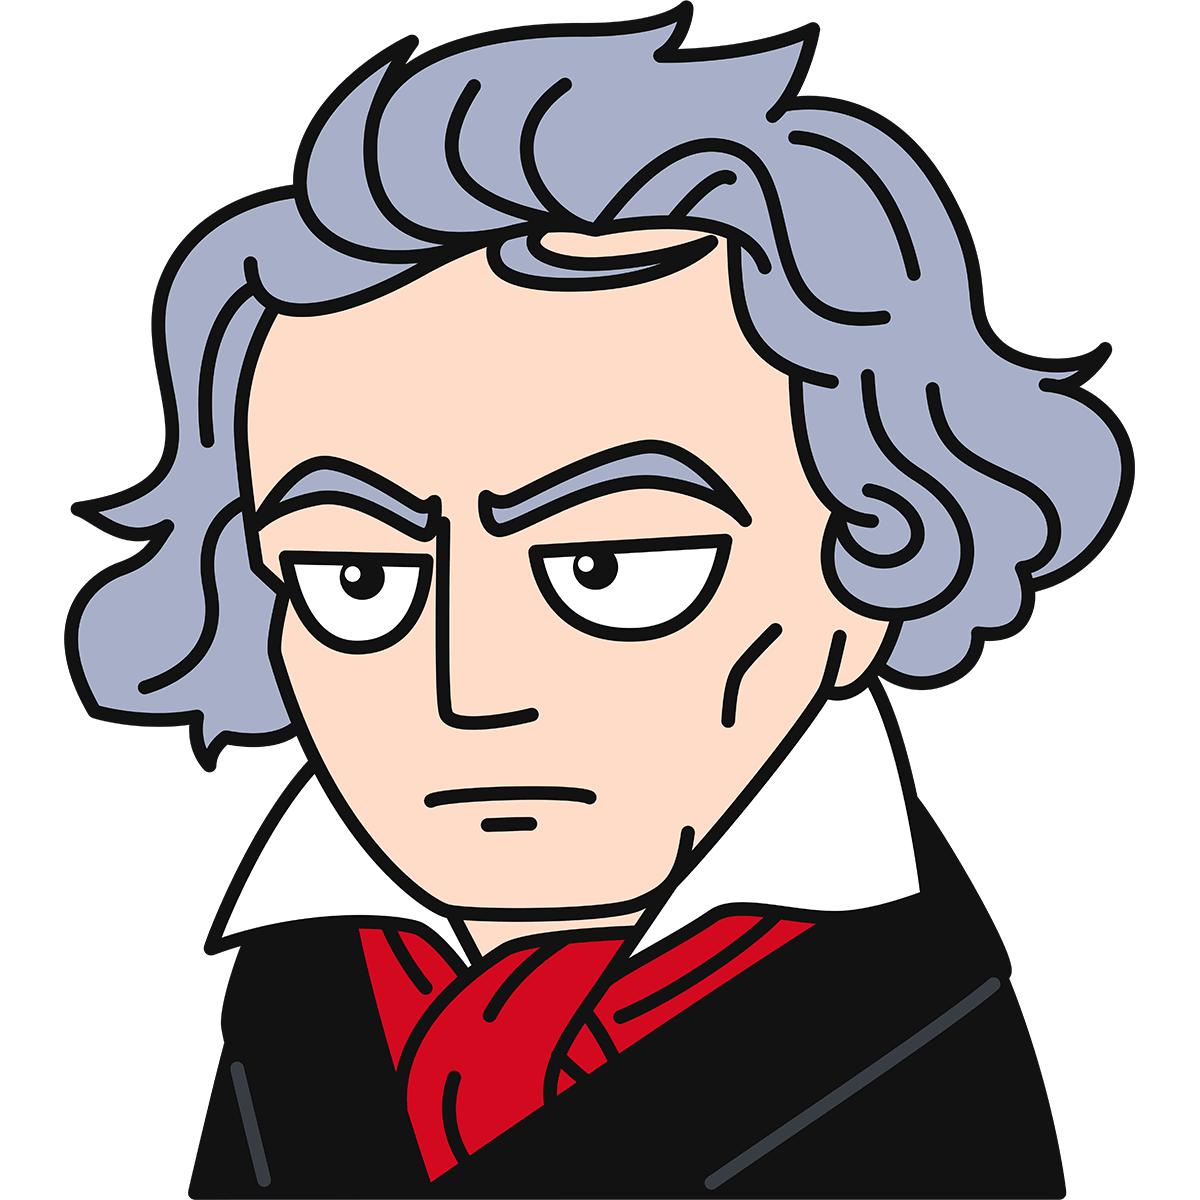 ベートーベンの無料イラスト